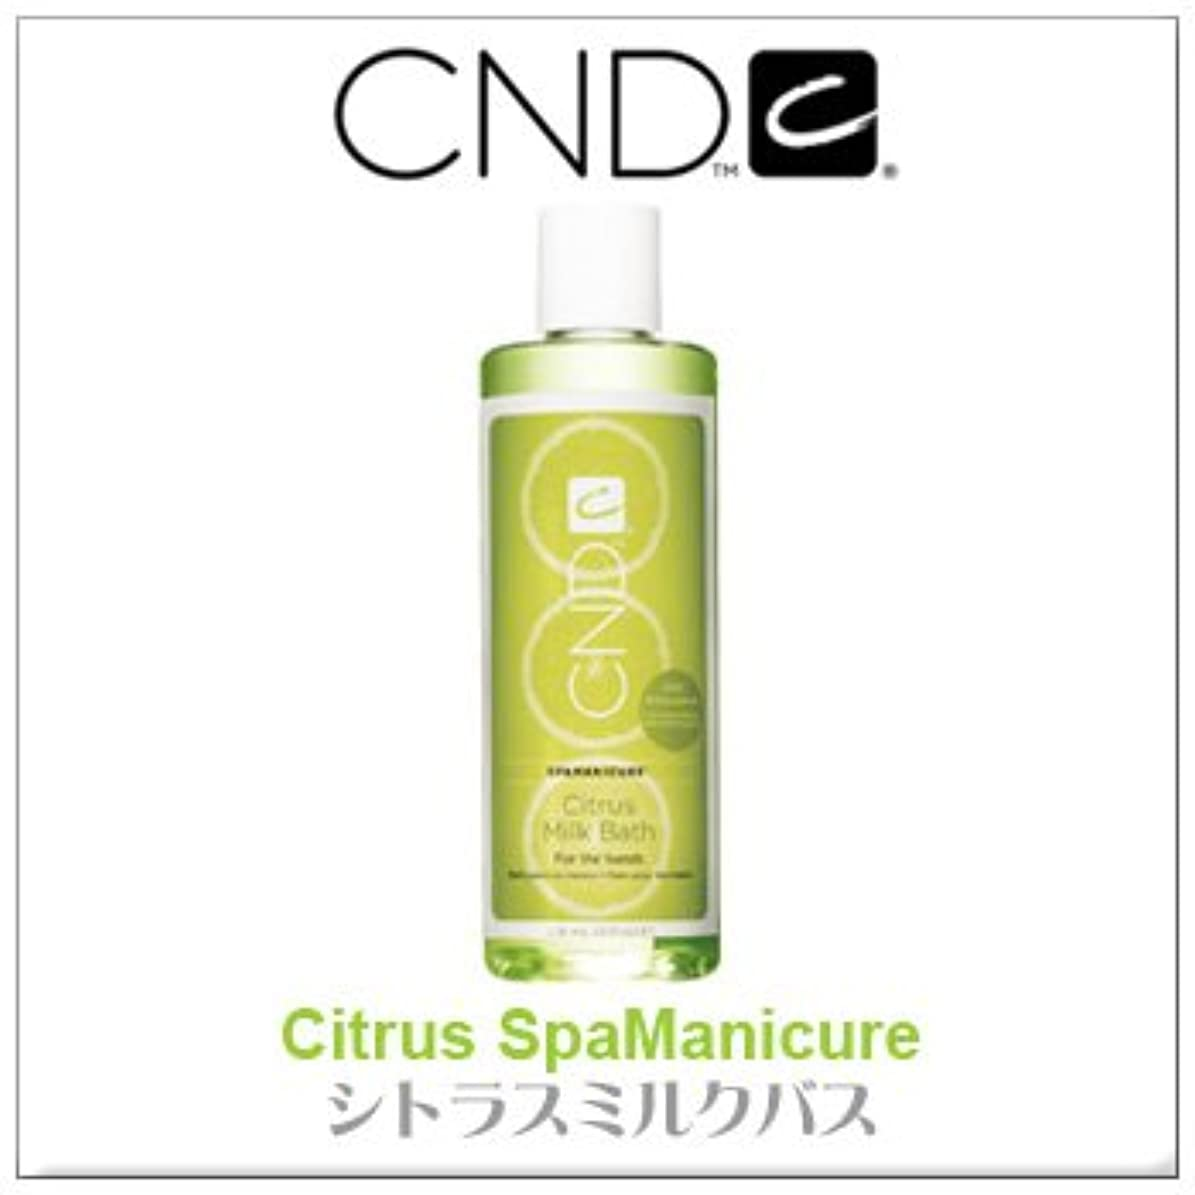 ホーム物理敬礼CND (シーエヌデー) シトラス ミルクバス ハンドソーク用オイル